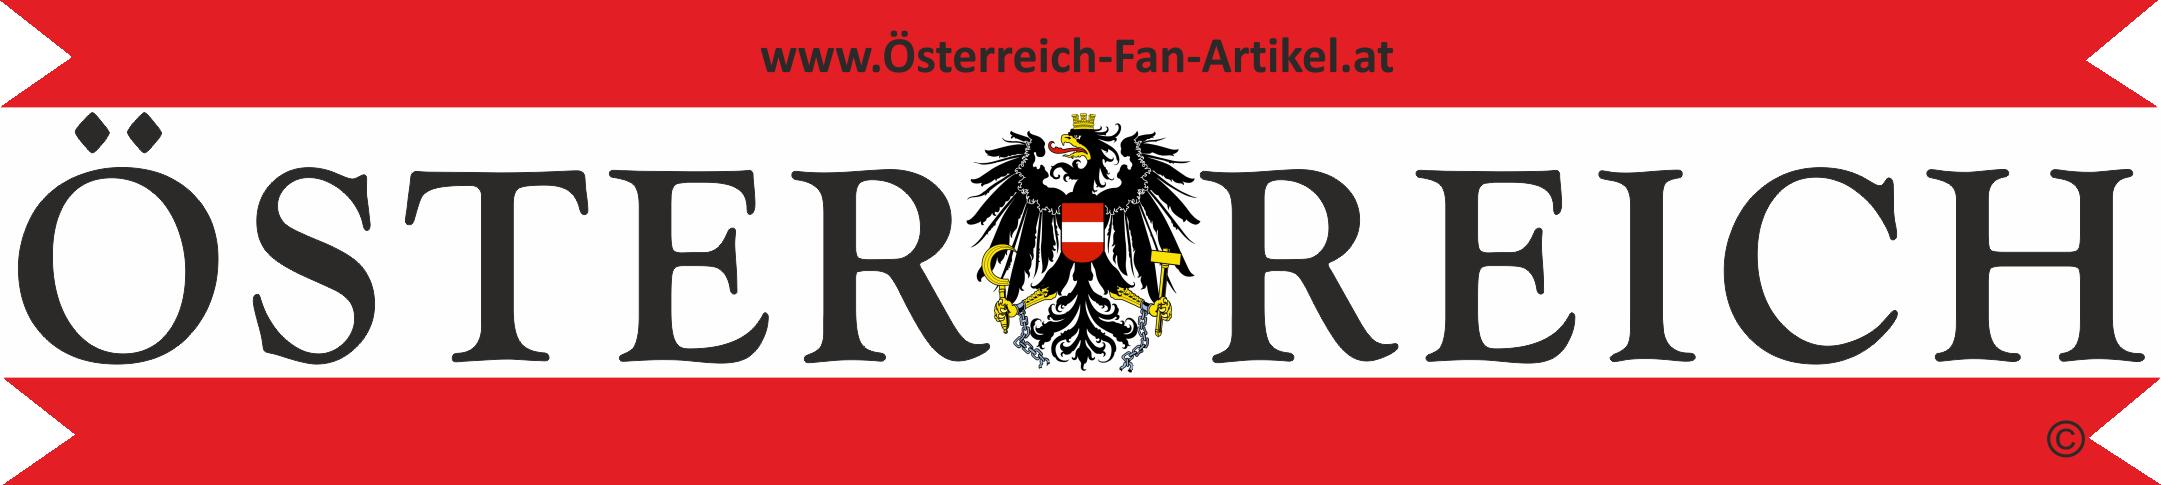 Österreich-Fan-Artikel